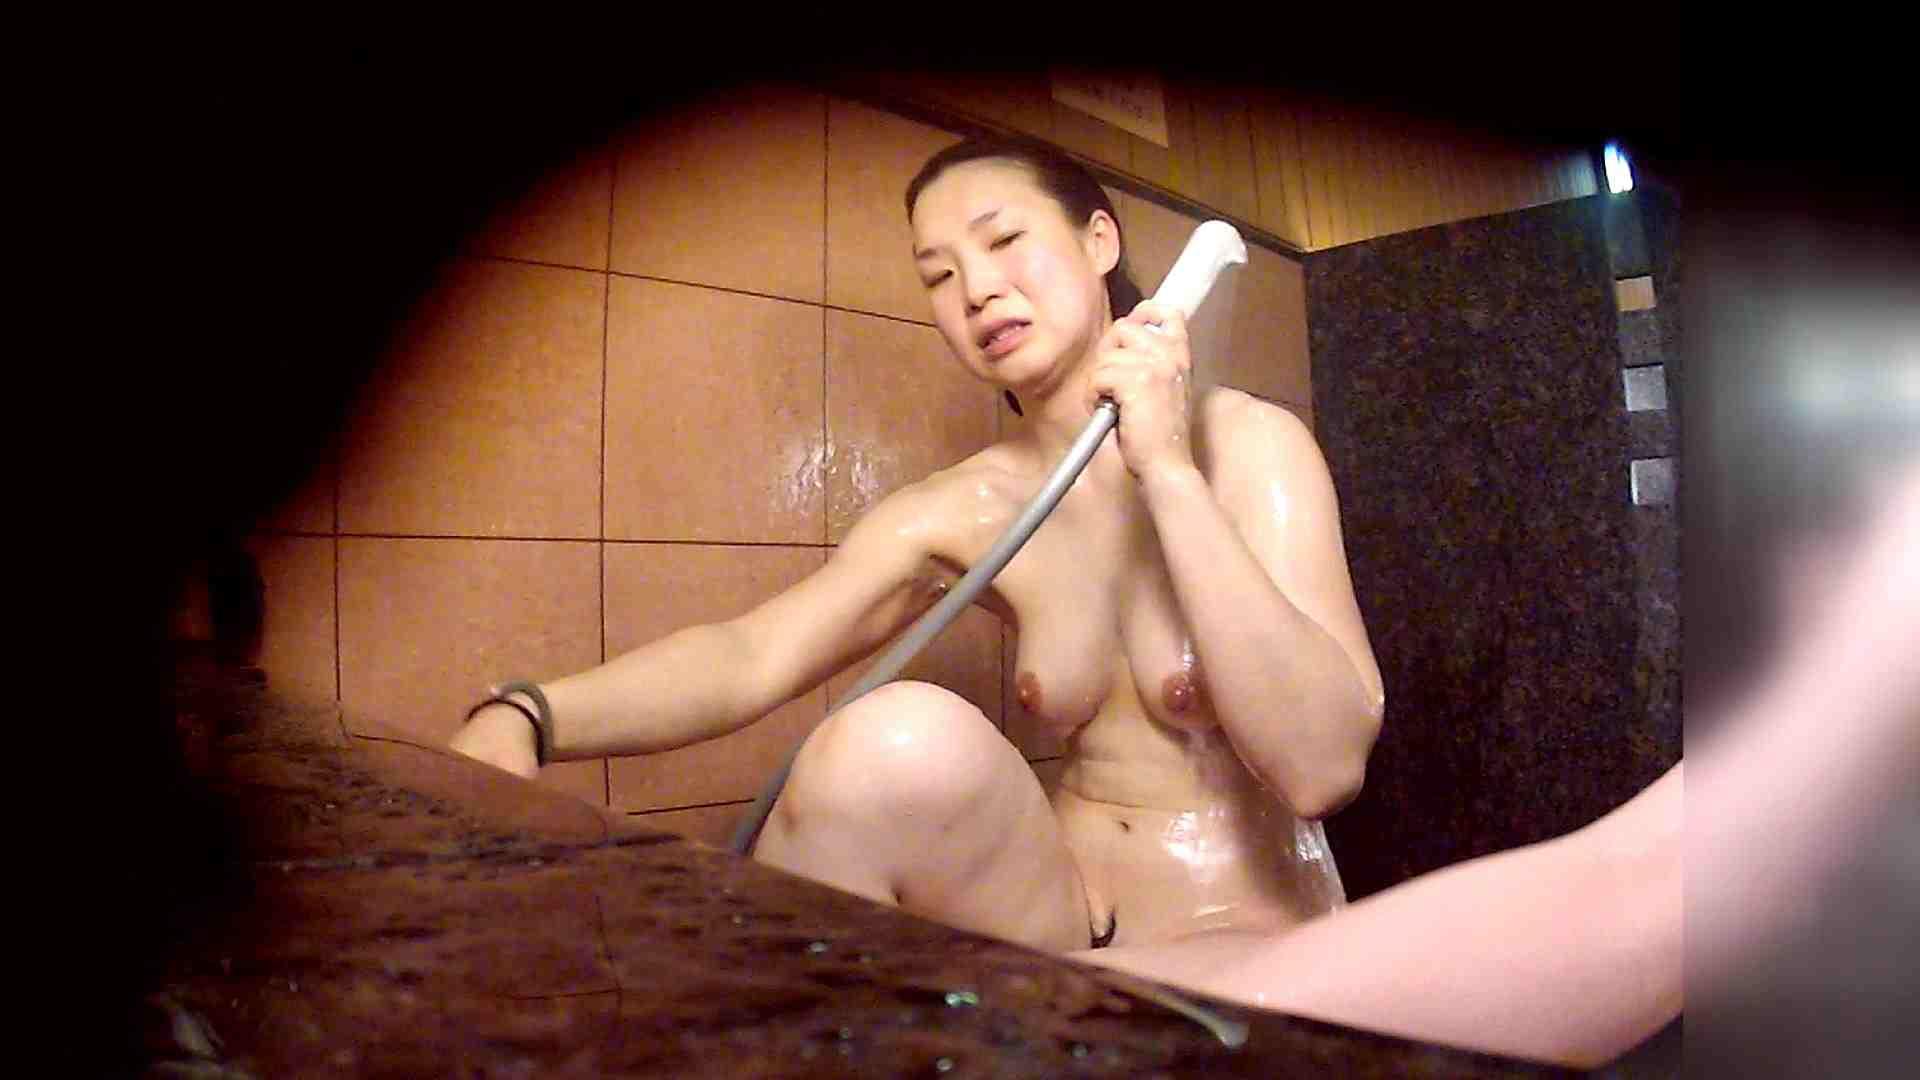 洗い場!マッスルお嬢さん!でもオッパイだけは柔らかそうです。 巨乳 セックス画像 76枚 61